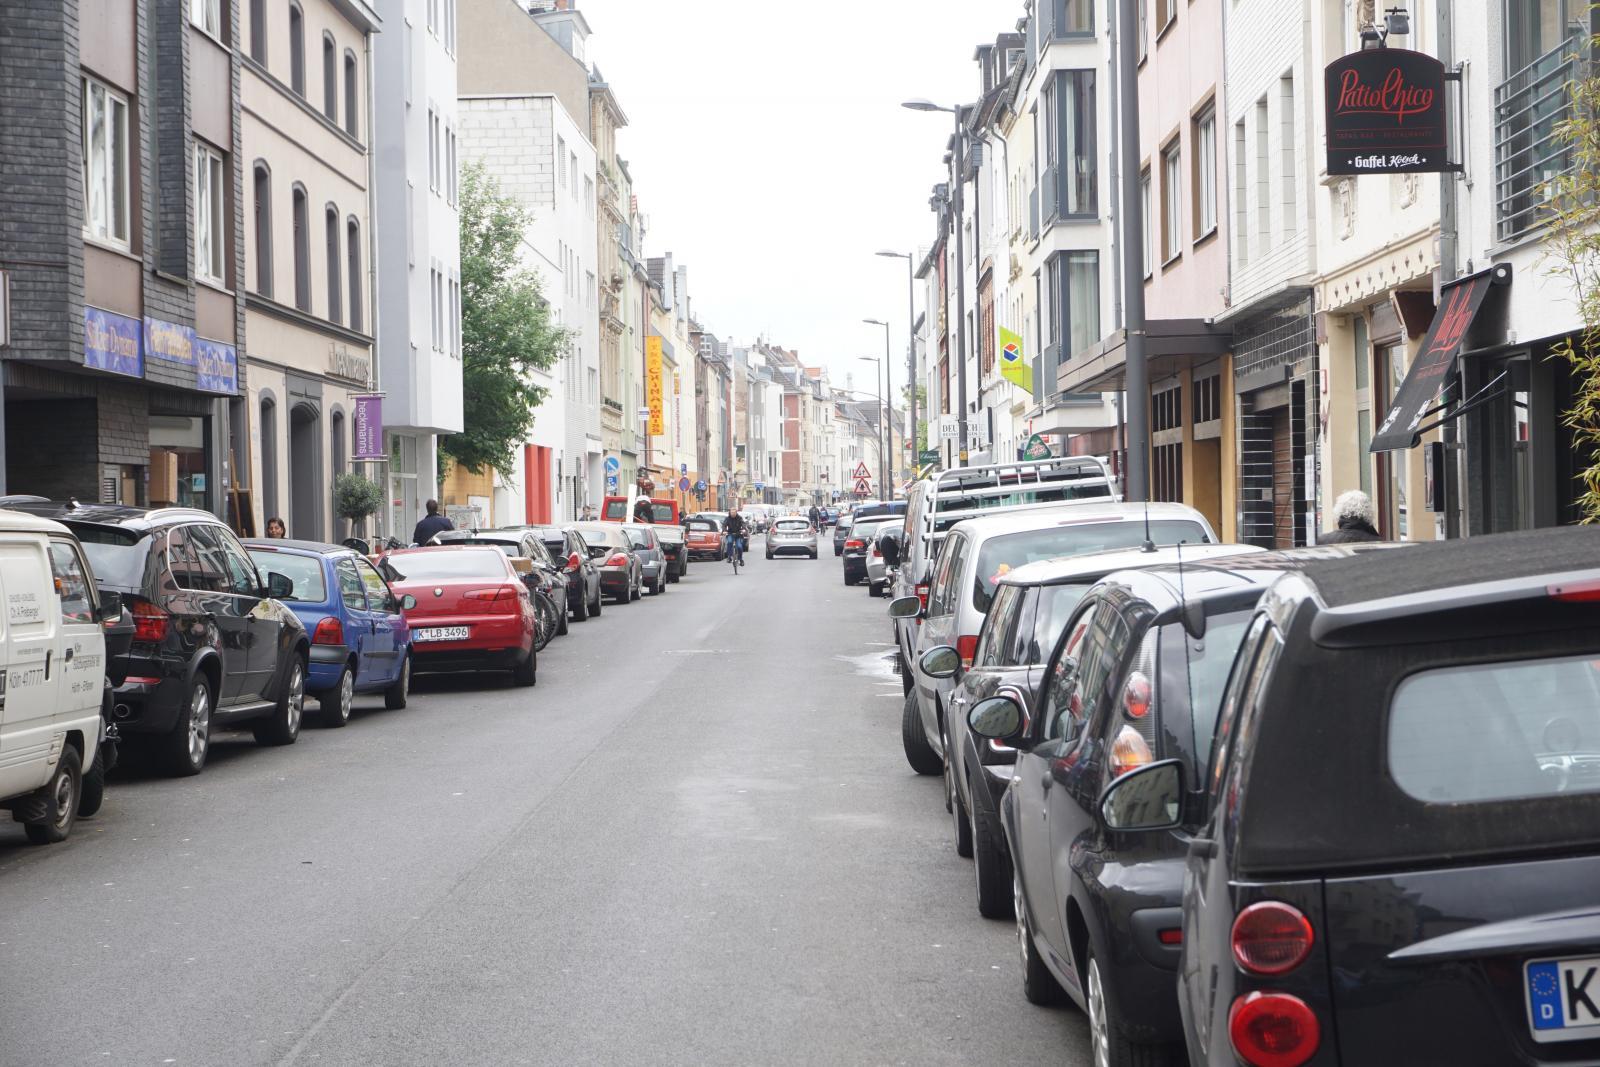 Typische Straßensituation in einem Untersuchungsgebiet (Bild: bcs)